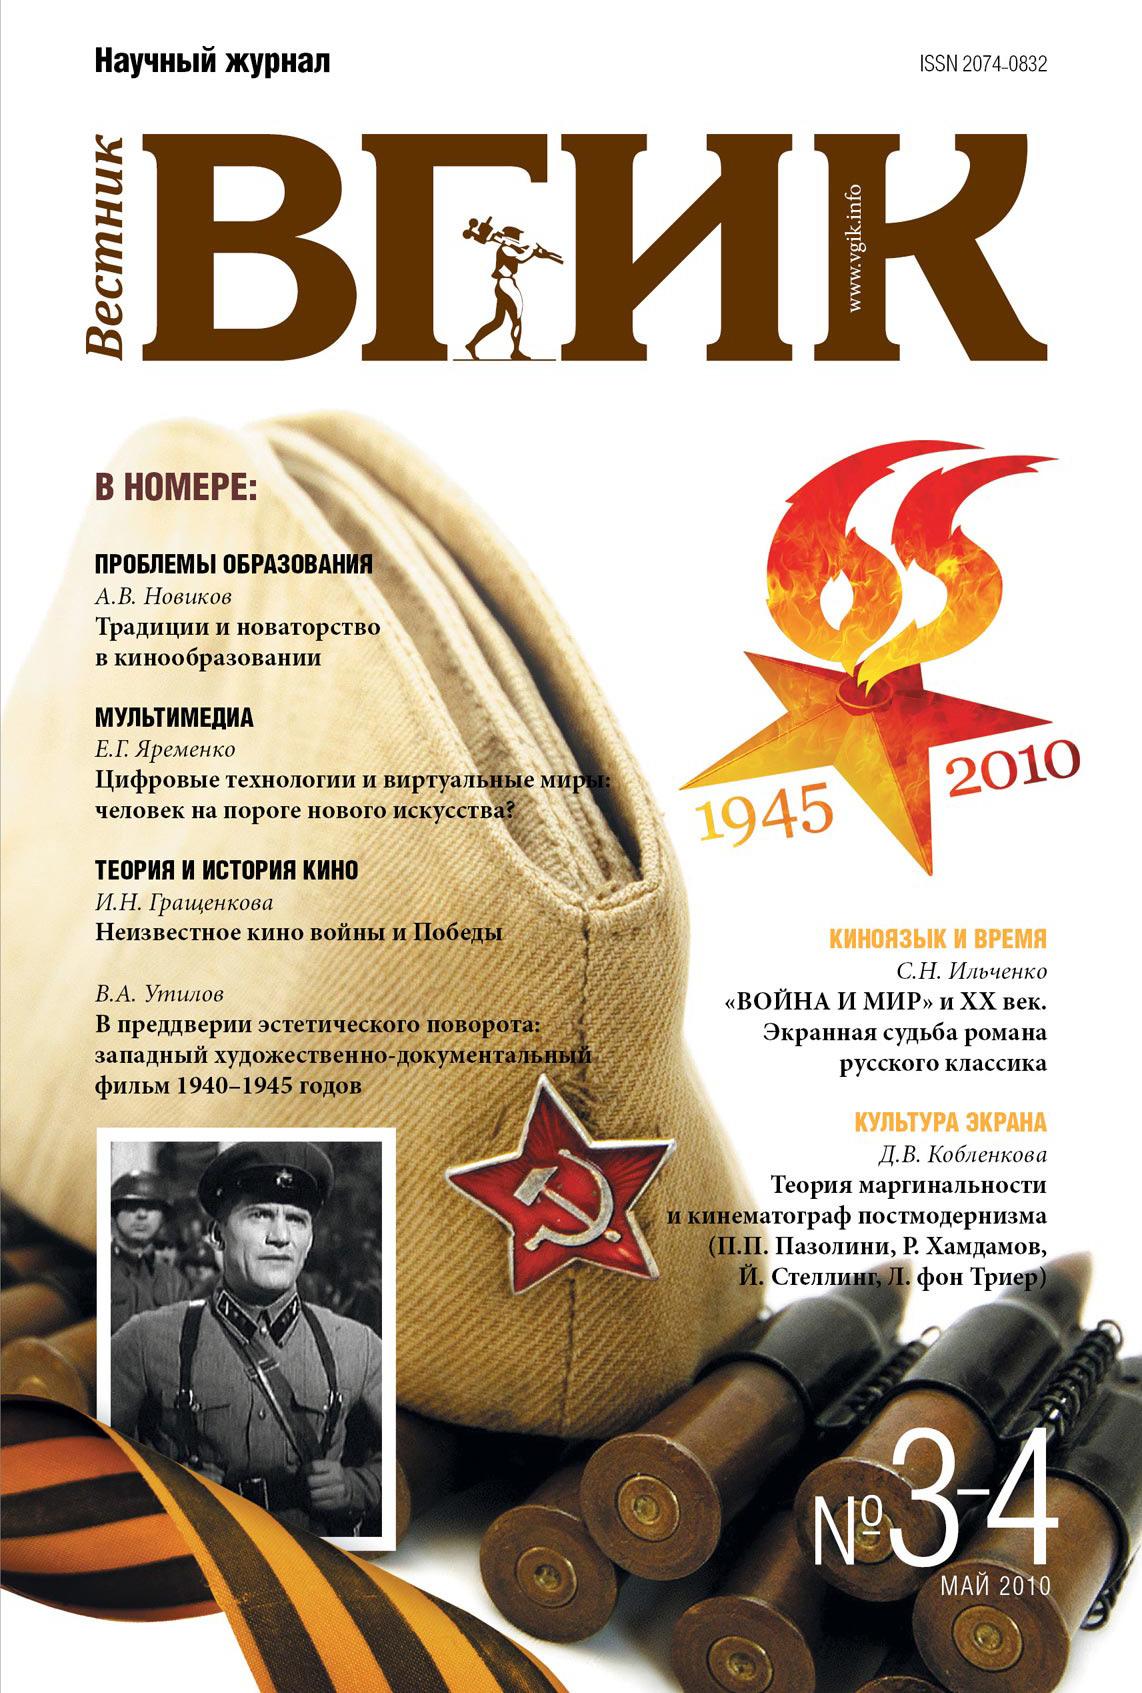 Вестник ВГИК №3–4 май 2010 ( Отсутствует  )